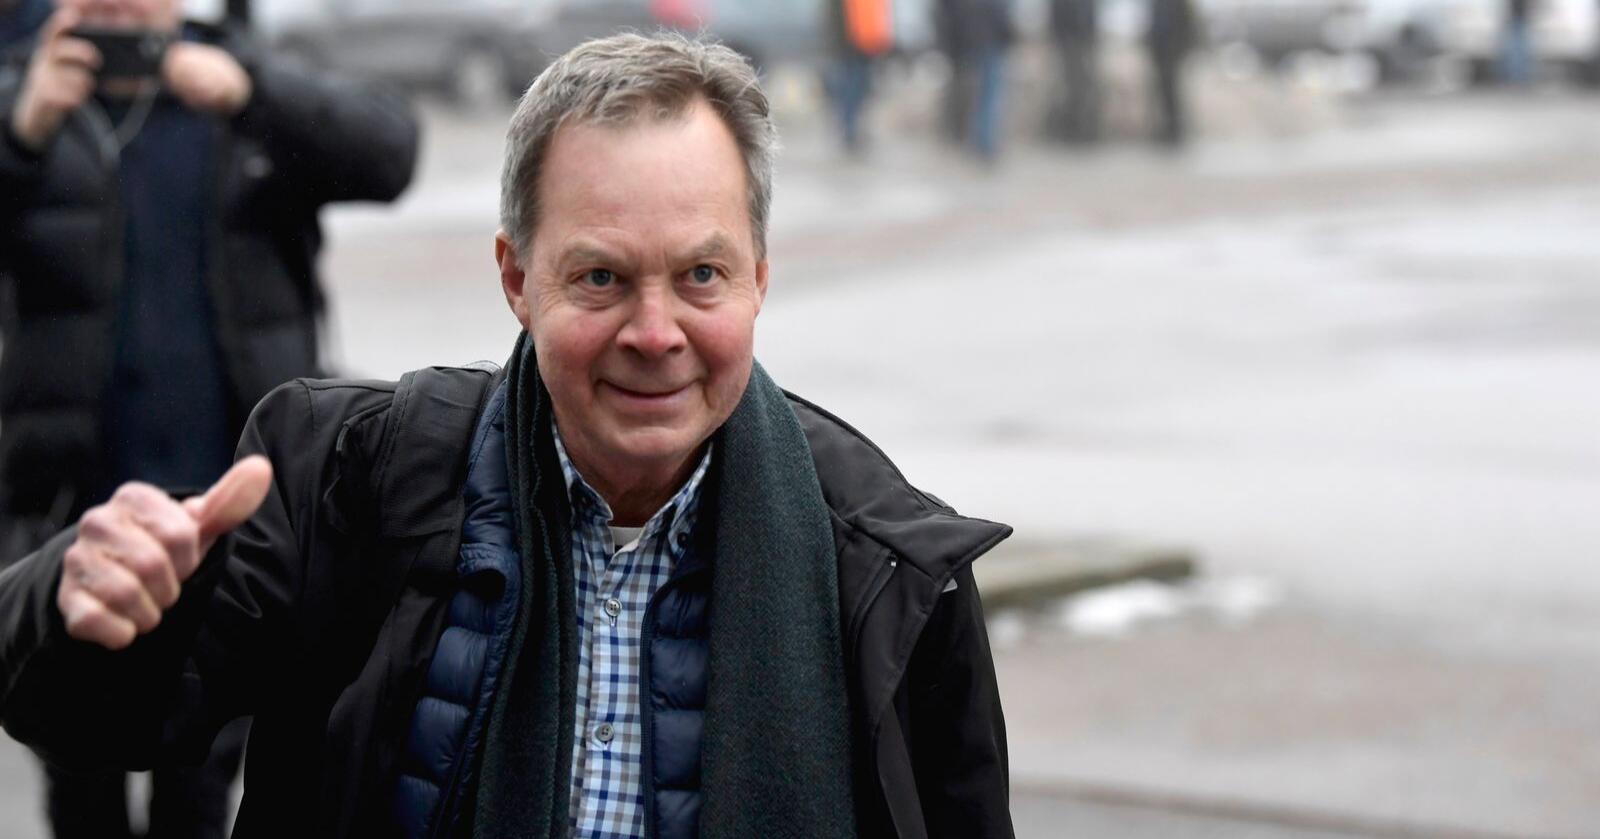 Den svenske milliardæren utenfor tingretten i Sverige. Foto: Pontus Lundahl / TT kod 10050